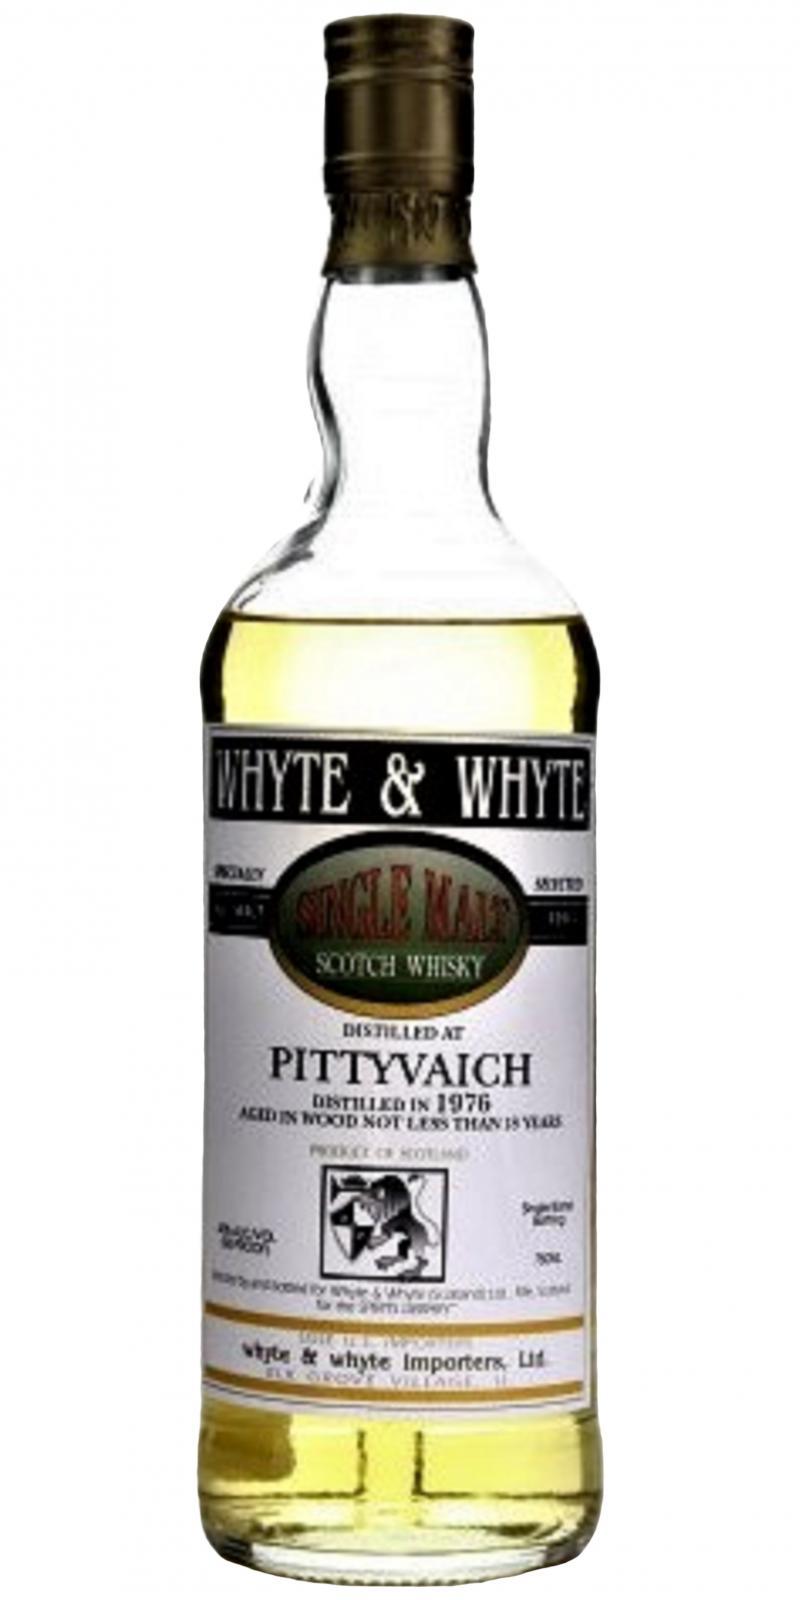 Pittyvaich 1976 W&W